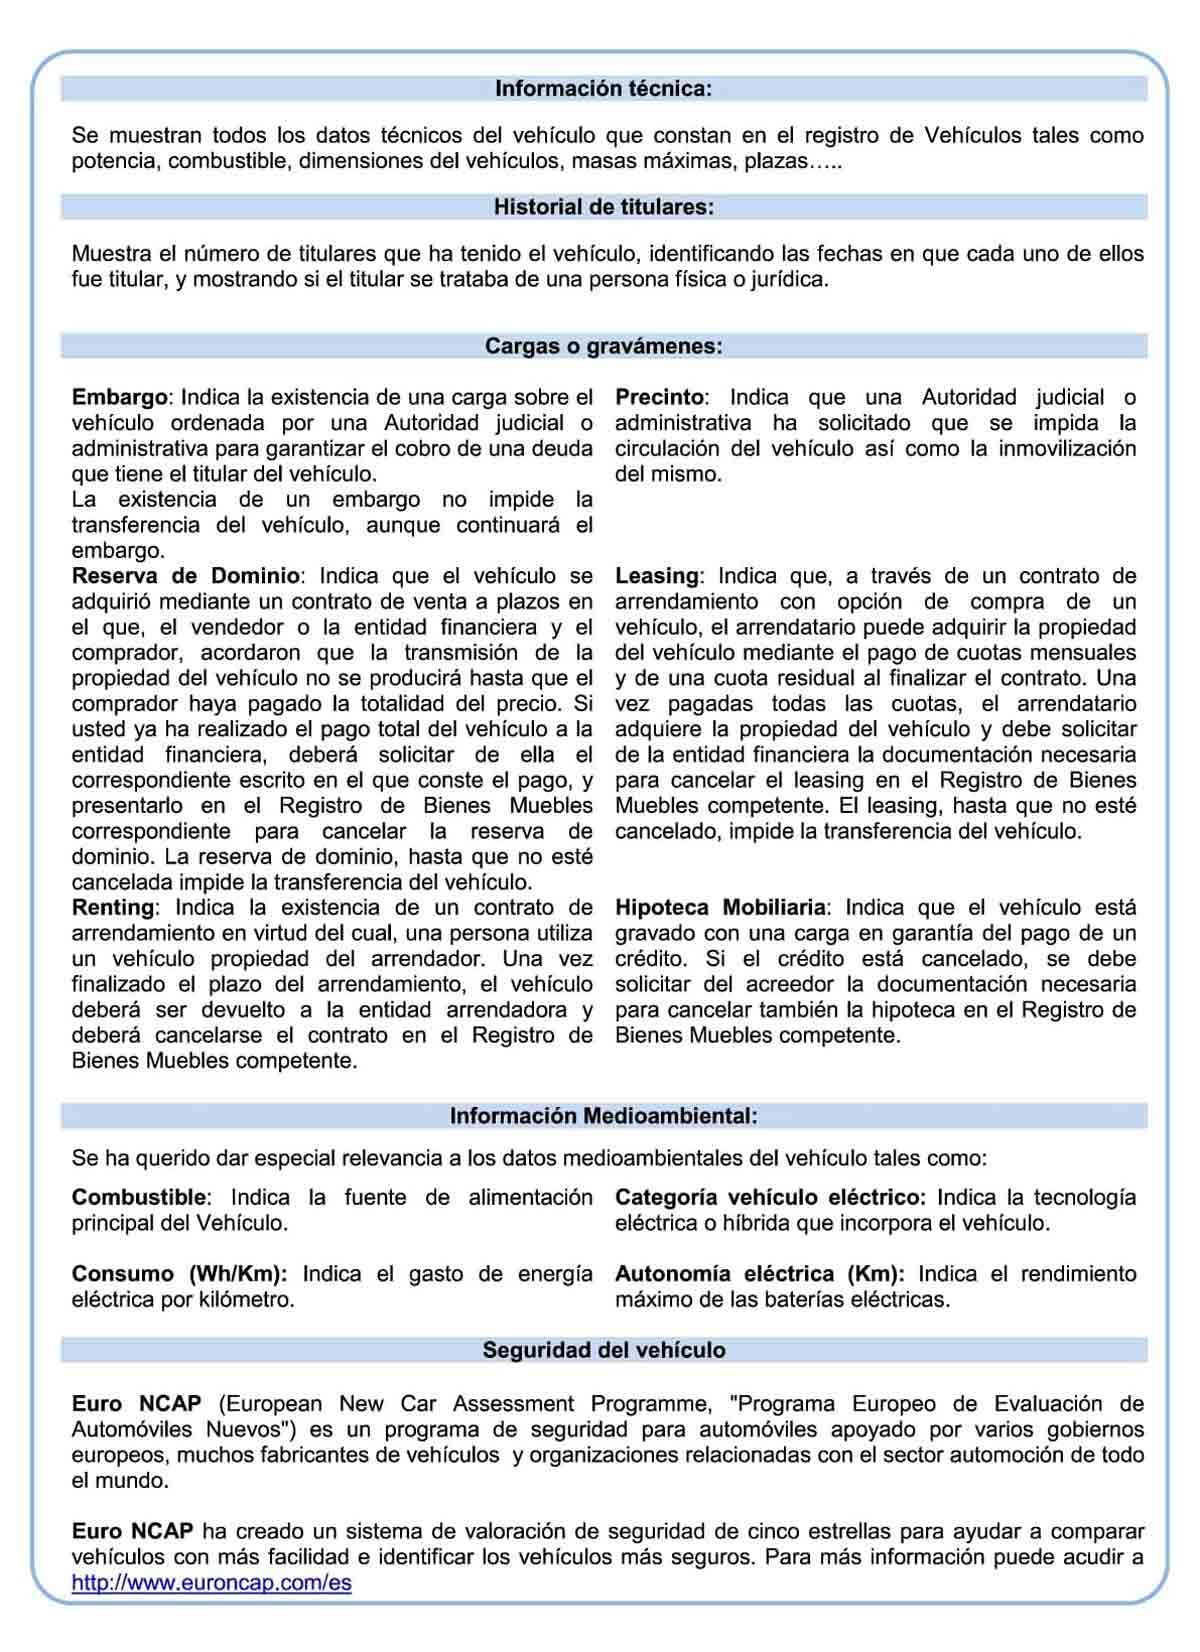 Segunda parte del detalle de cómo pedir el informe de Tráfico de un coche por 8,40 euros-2